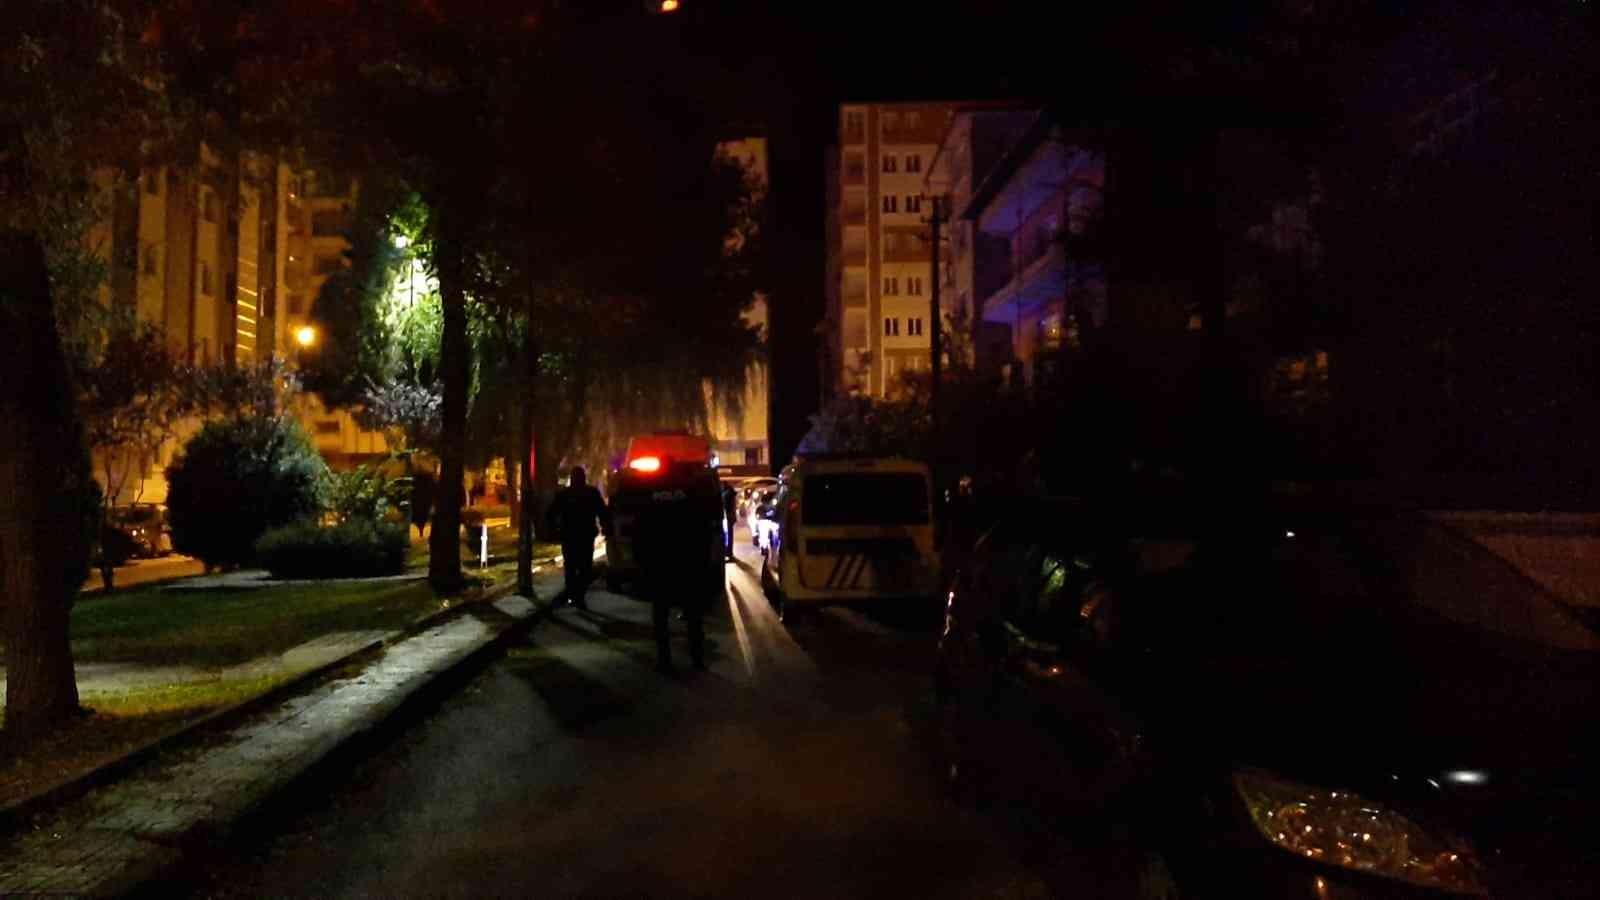 Çorum'da eve silahlı saldırı: 2 yaralı #corum